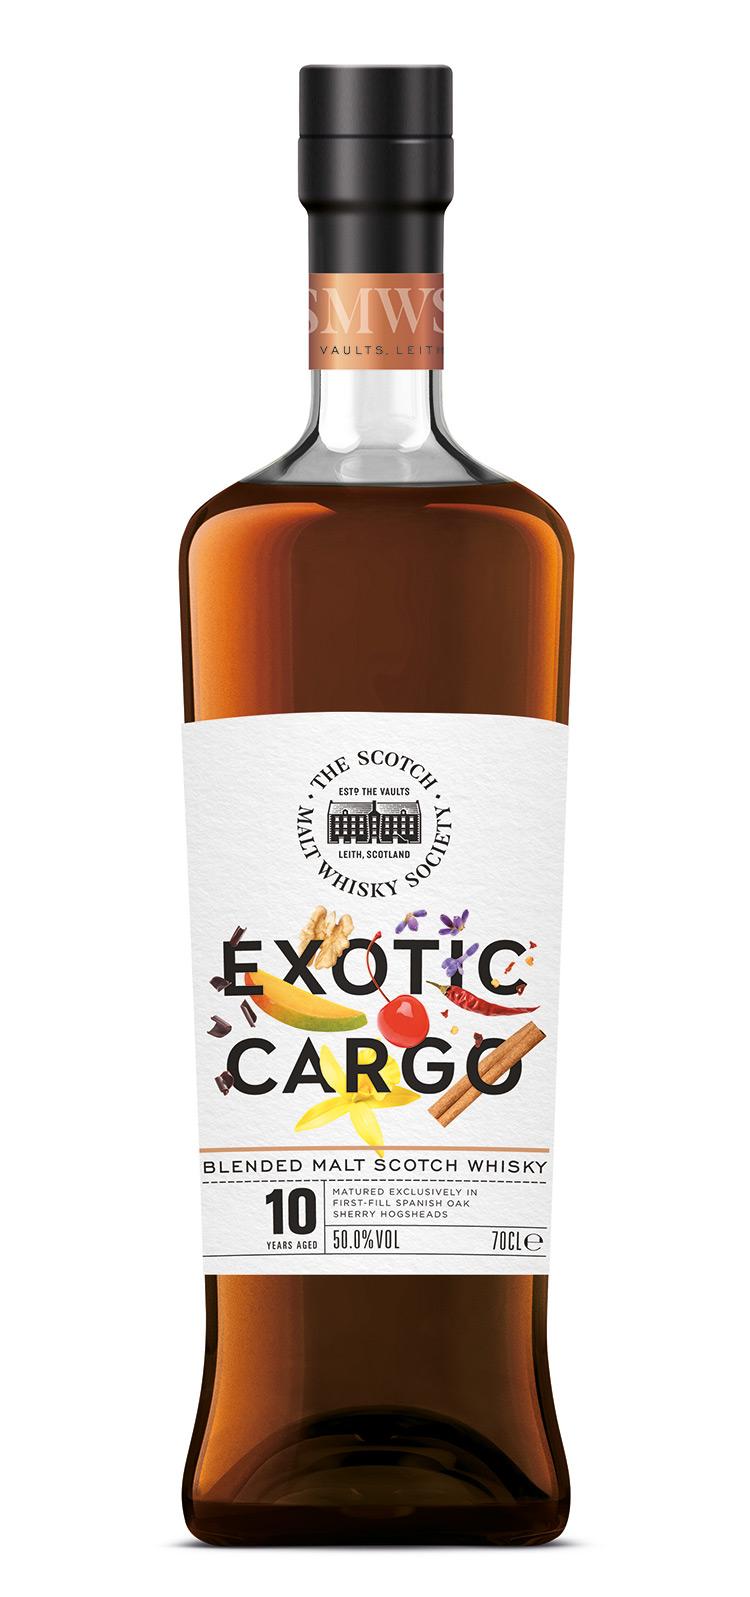 Exotic Cargo